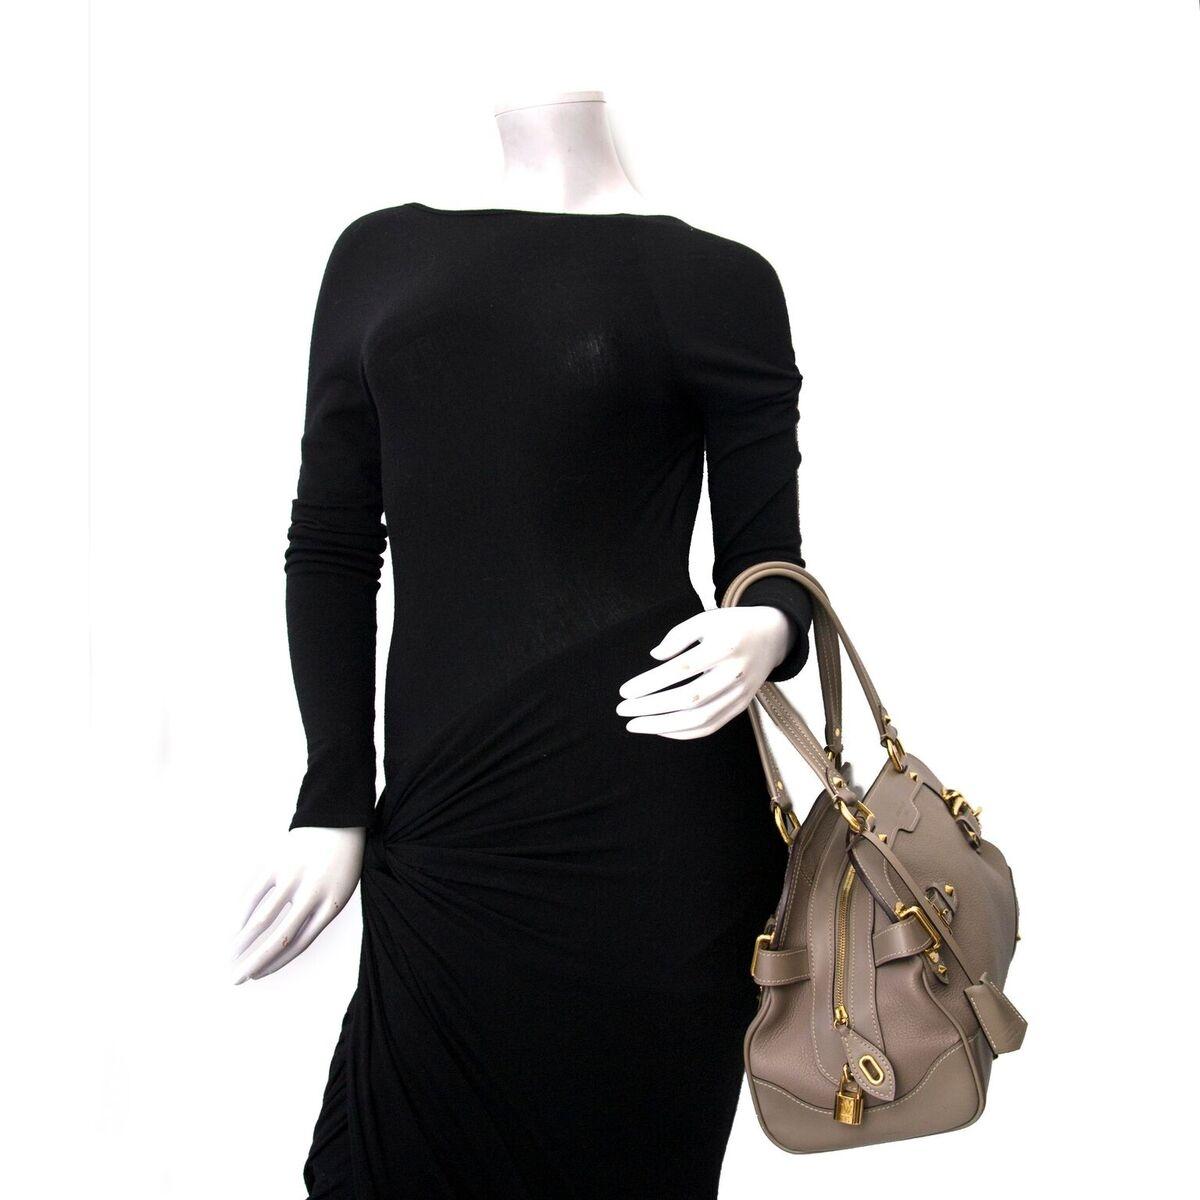 Koop authentieke tweedehands Louis Vuitton khaki aan een eerlijke prijs bij LabelLOV. Veilig online shoppen.